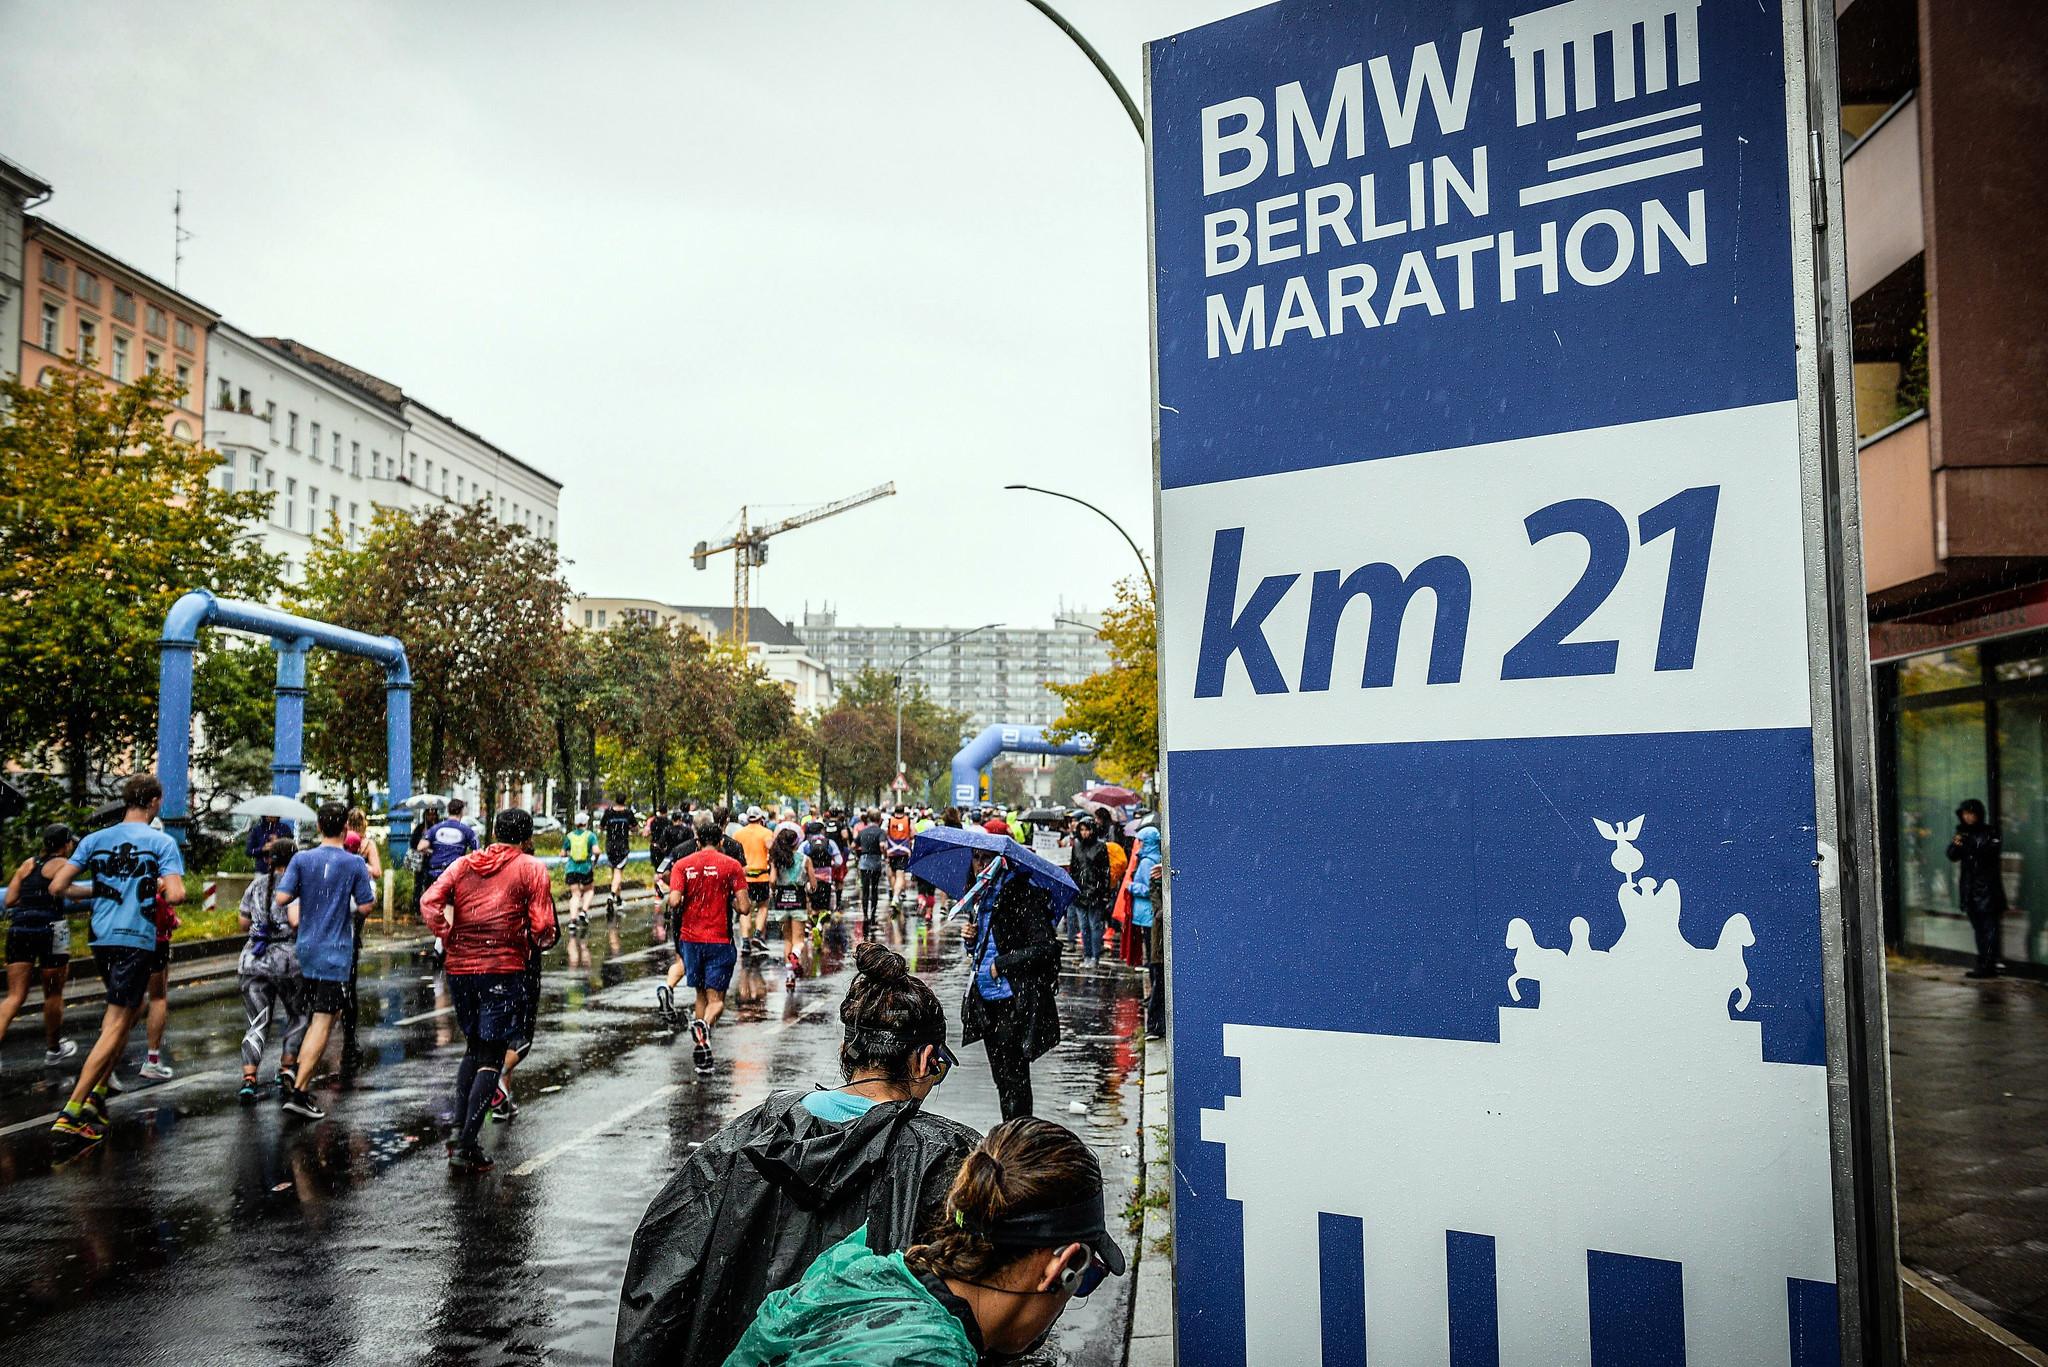 Correr el Maratón de Berlín - Berlin Marathon fotos photos - thewotme maratón de berlín - 49039287827 0c879079c2 k - Correr el Maratón de Berlín: Análisis, recorrido, entrenamiento e inscripciones